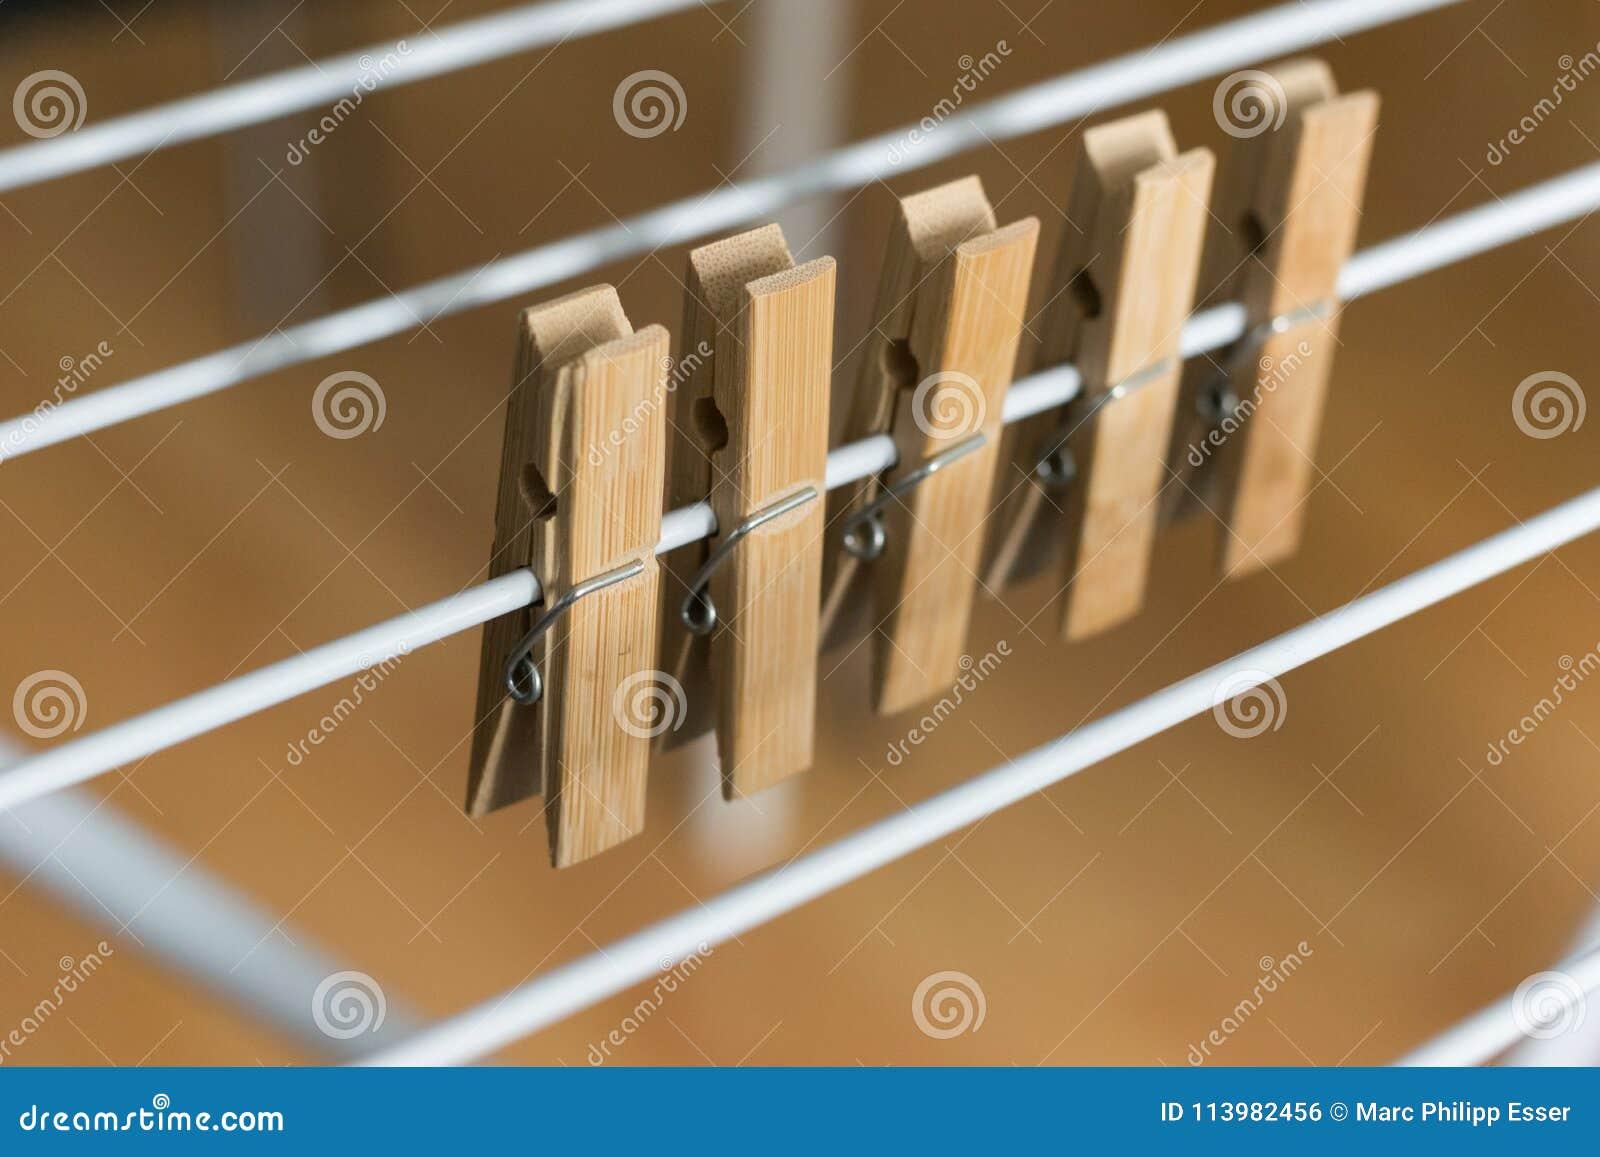 行布朗木钉截去了可折叠晒衣架布朗木背景